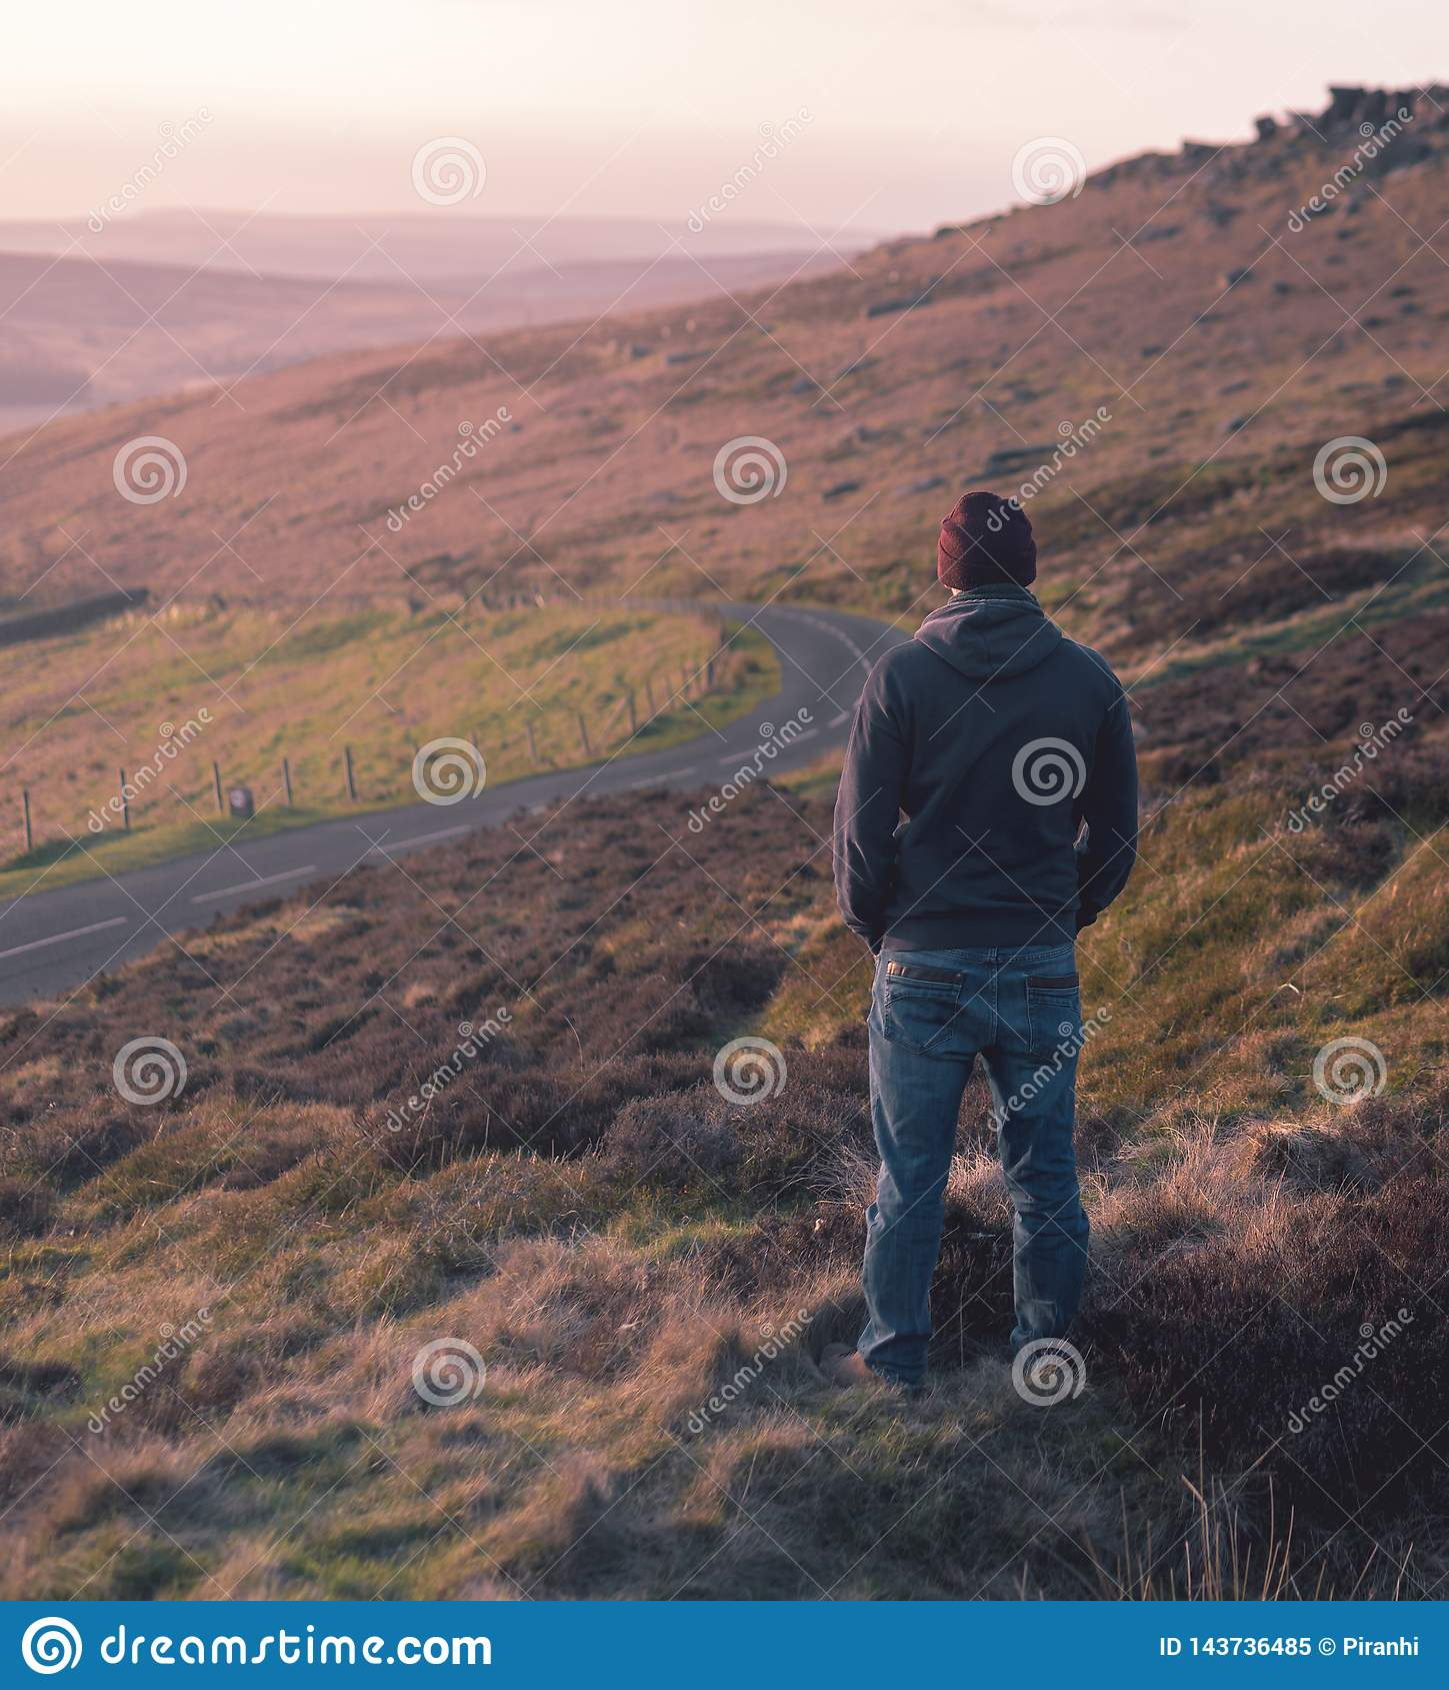 Το απομονωμένο άτομο κοιτάζει επίμονα έξω πέρα από το λιβάδι κατά τη διάρκεια του ηλιοβασιλέματος